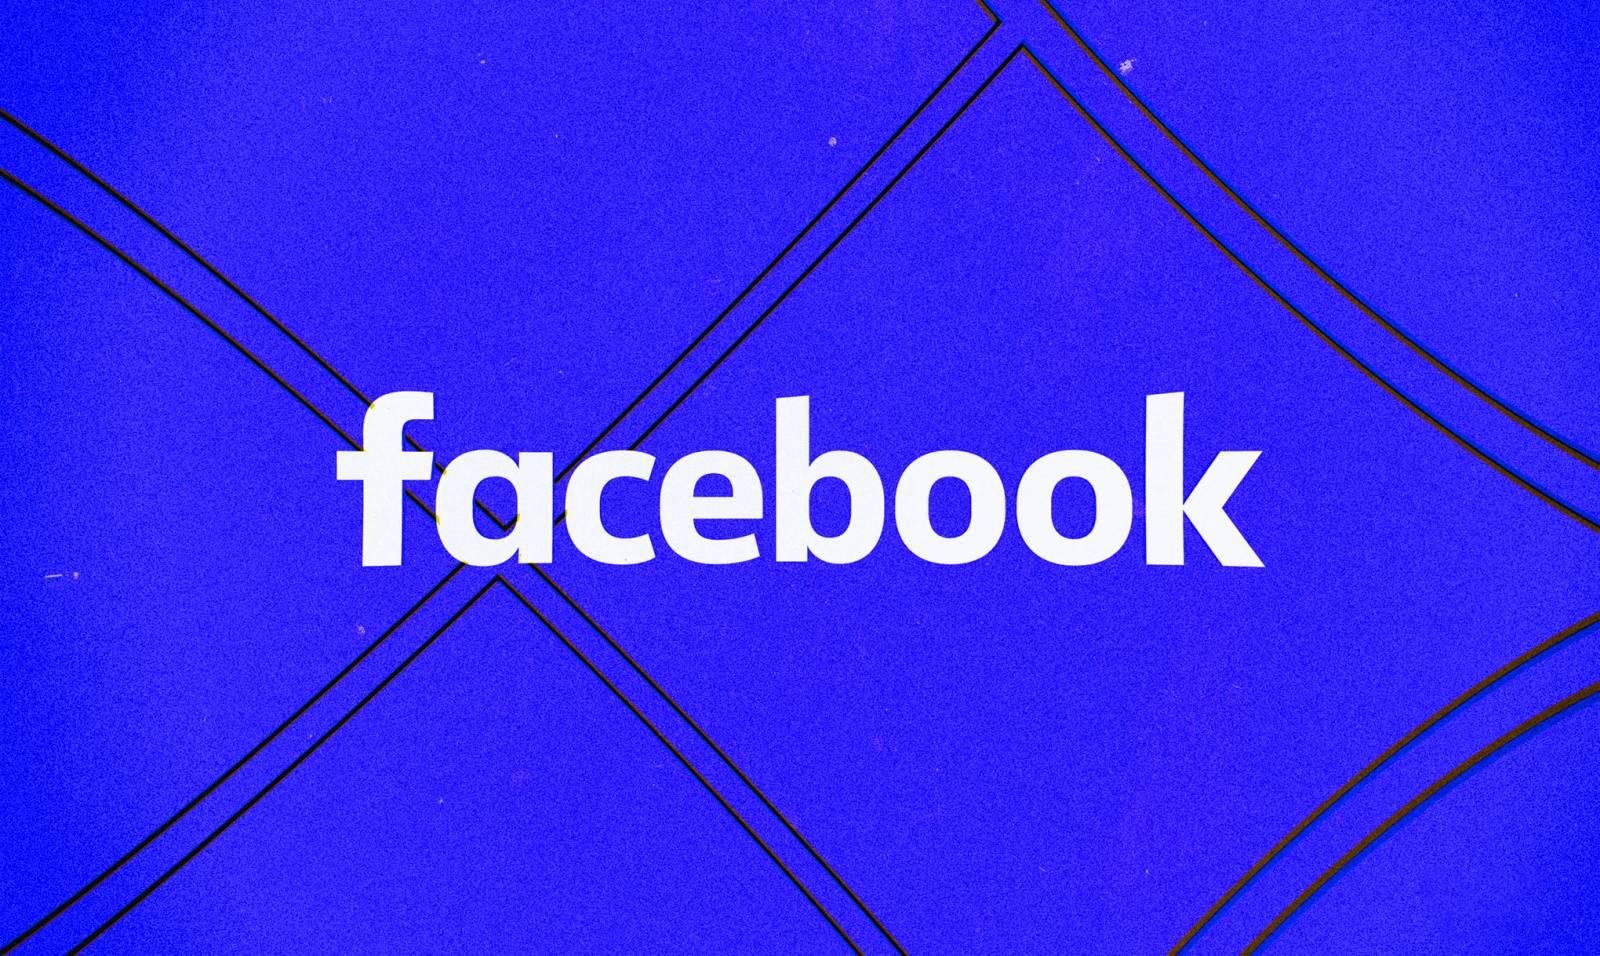 Facebook Ce Noutati sunt Oferite pentru Noua Actualizare a Aplicatiei